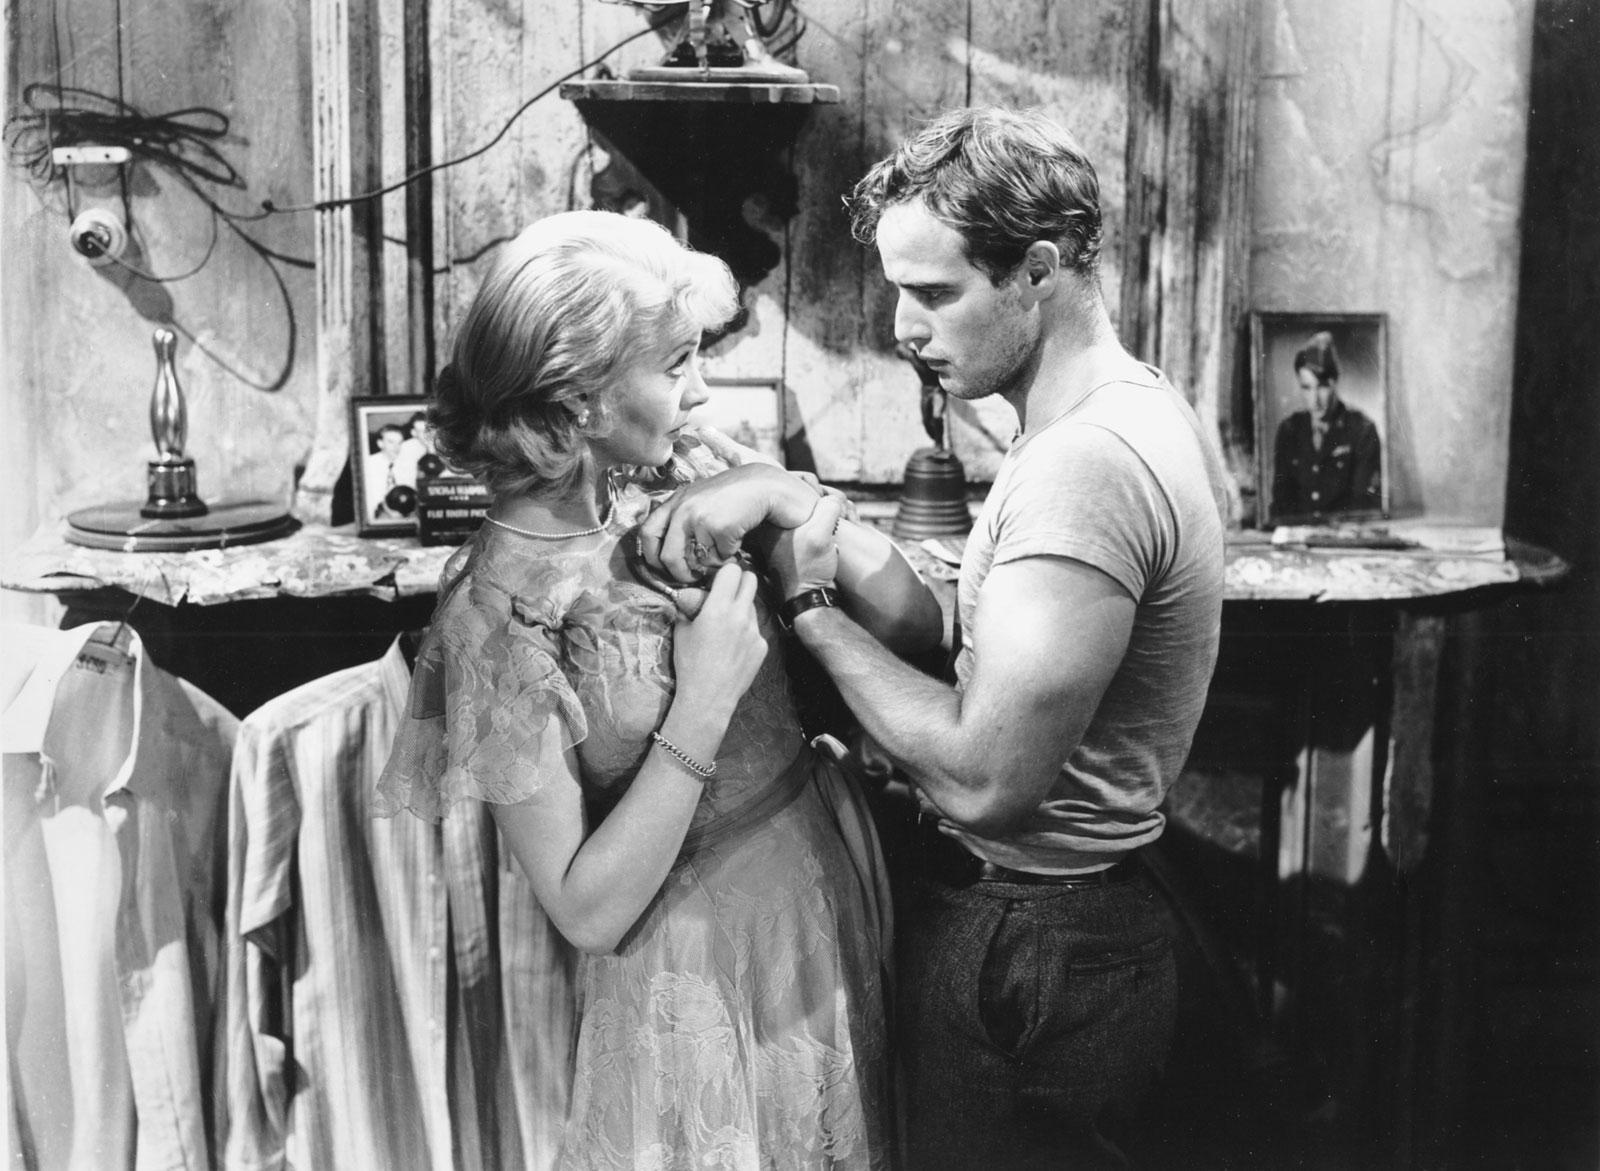 Vivien-Leigh-film-version-Blanche-DuBois-Stanley-1951